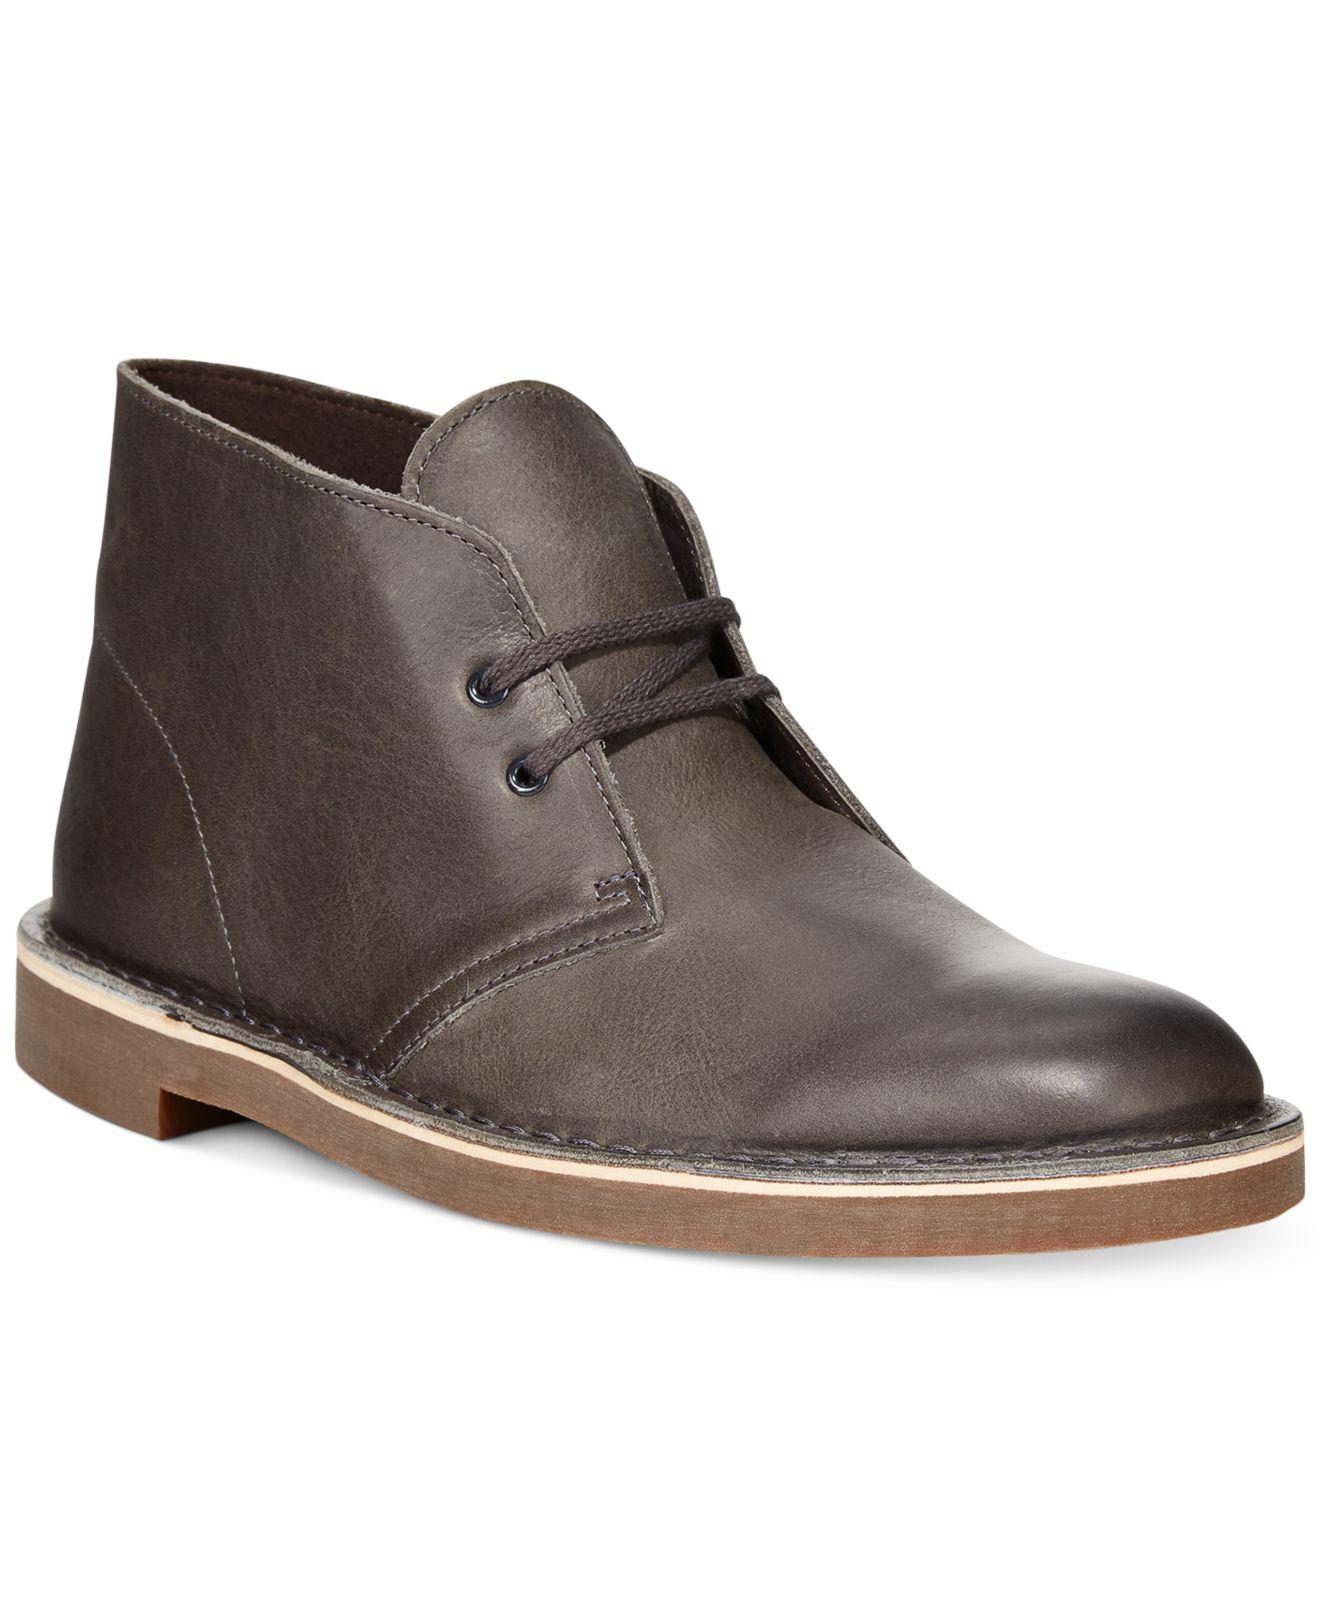 Macys Ralph Lauren Shoes Men